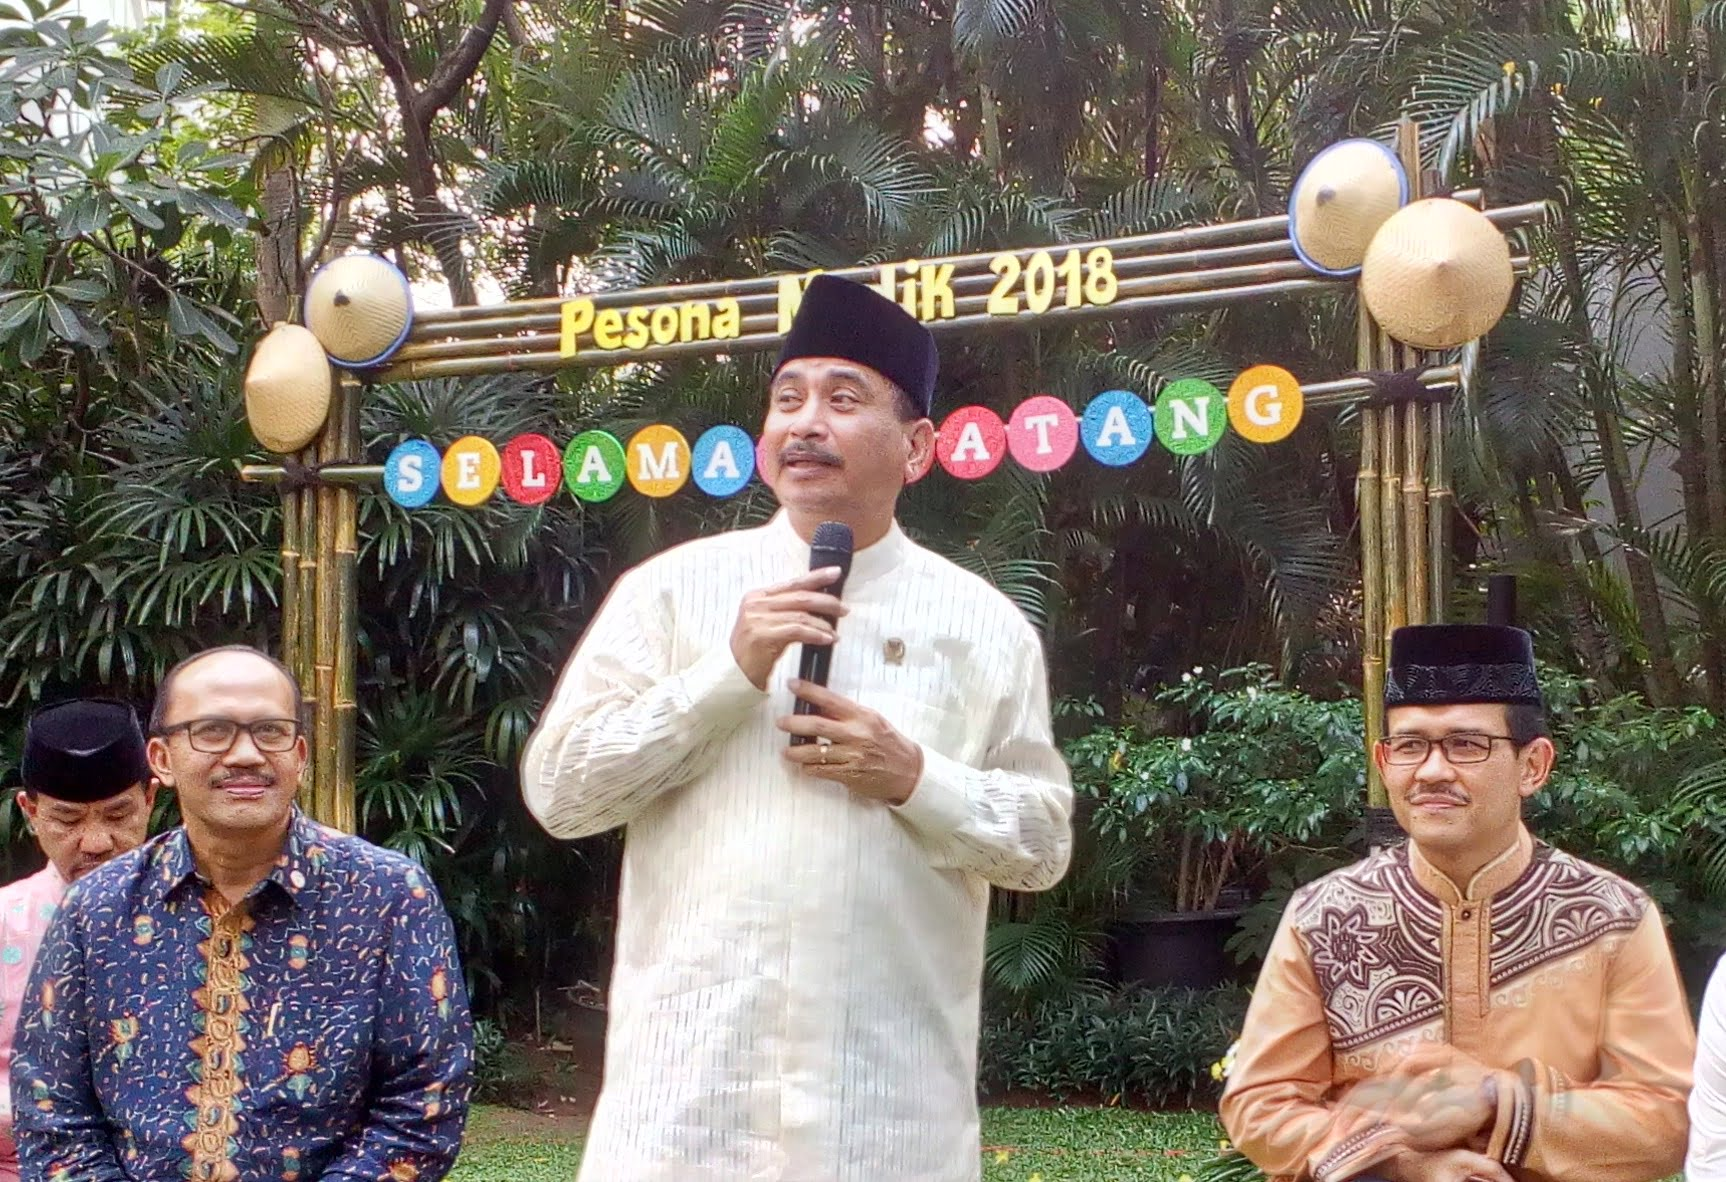 Kementerian Pariwisata Luncurkan Program Pesona Mudik 2018